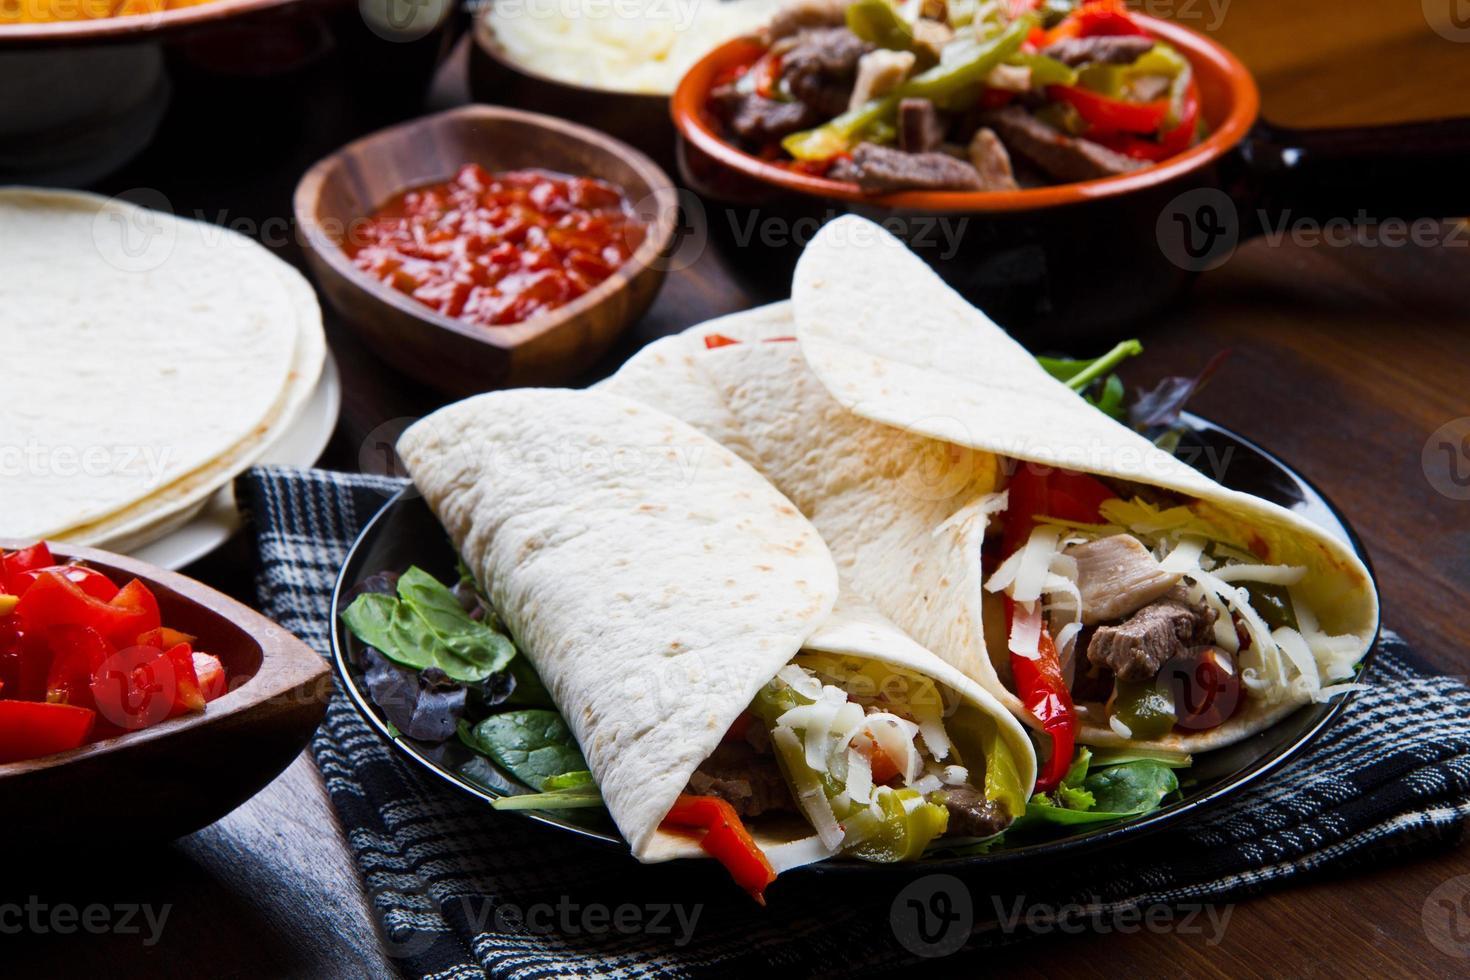 fajitas de boeuf au poulet maison avec légumes et tortillas photo